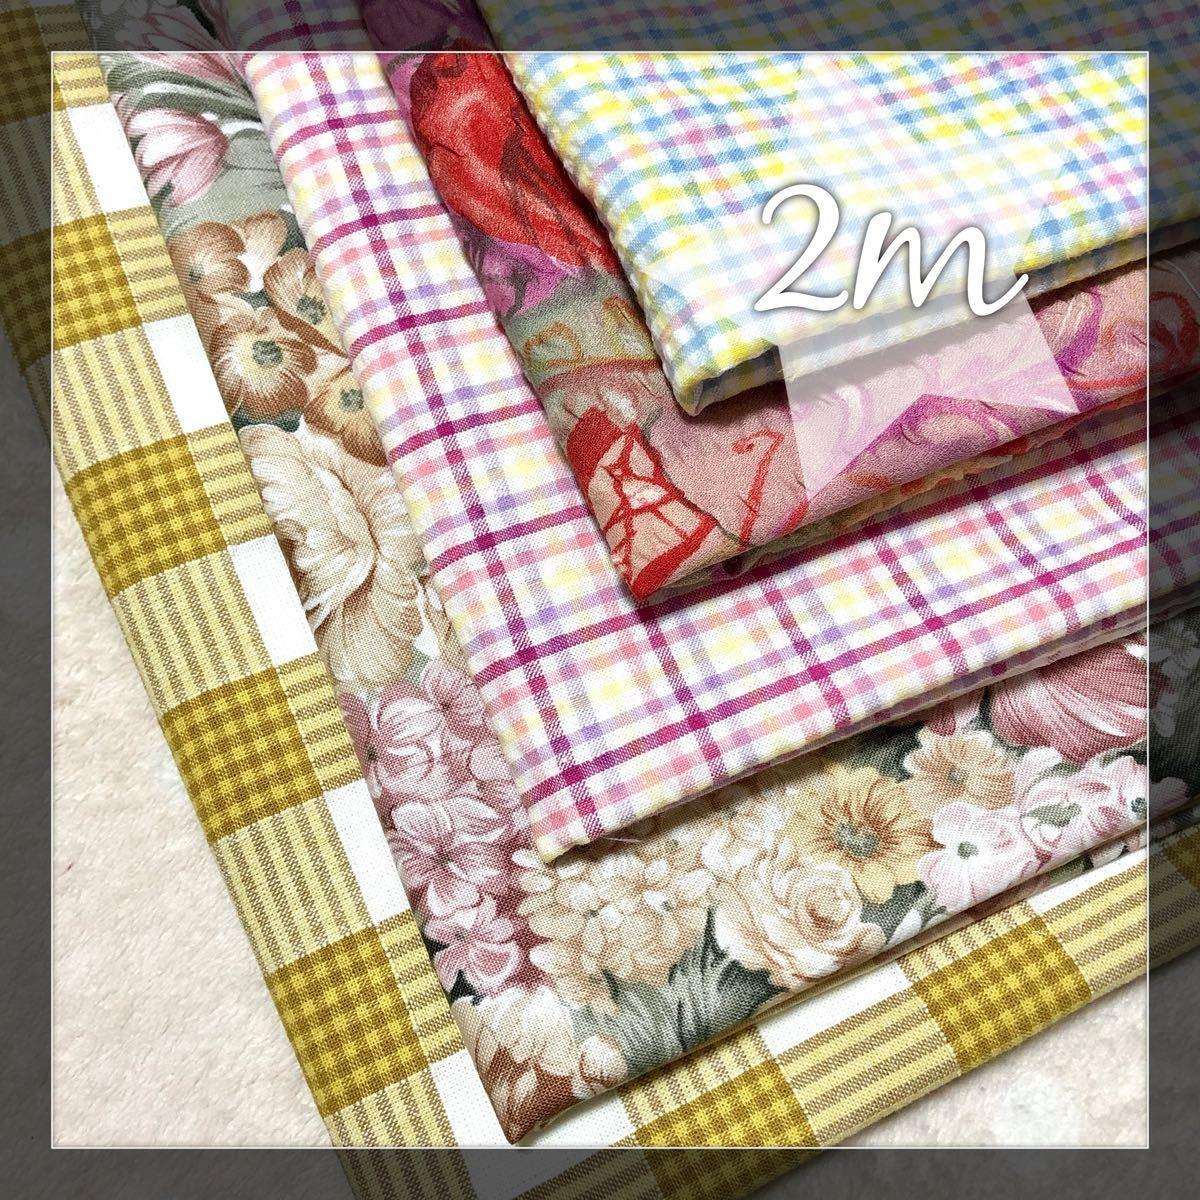 【ピンク】 生地 はぎれ 約2m セット カットクロス ハギレ まとめ売り